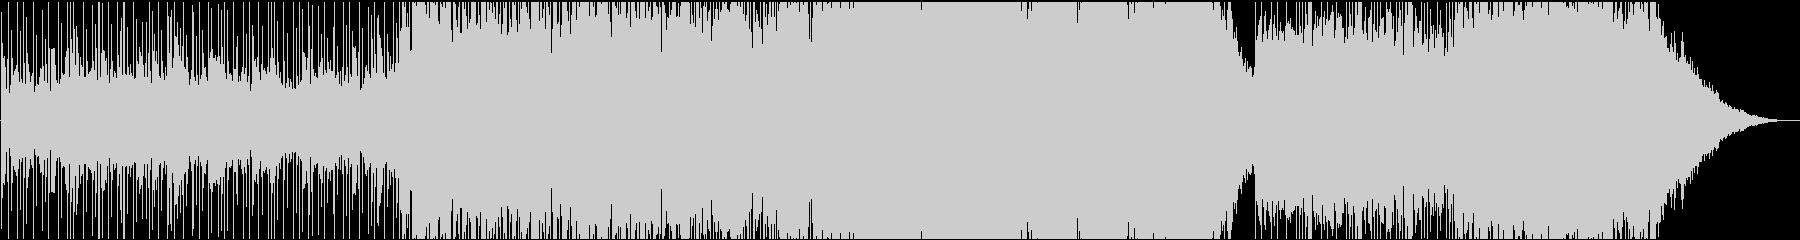 壮大なクワイアの入るシリアスな曲の未再生の波形